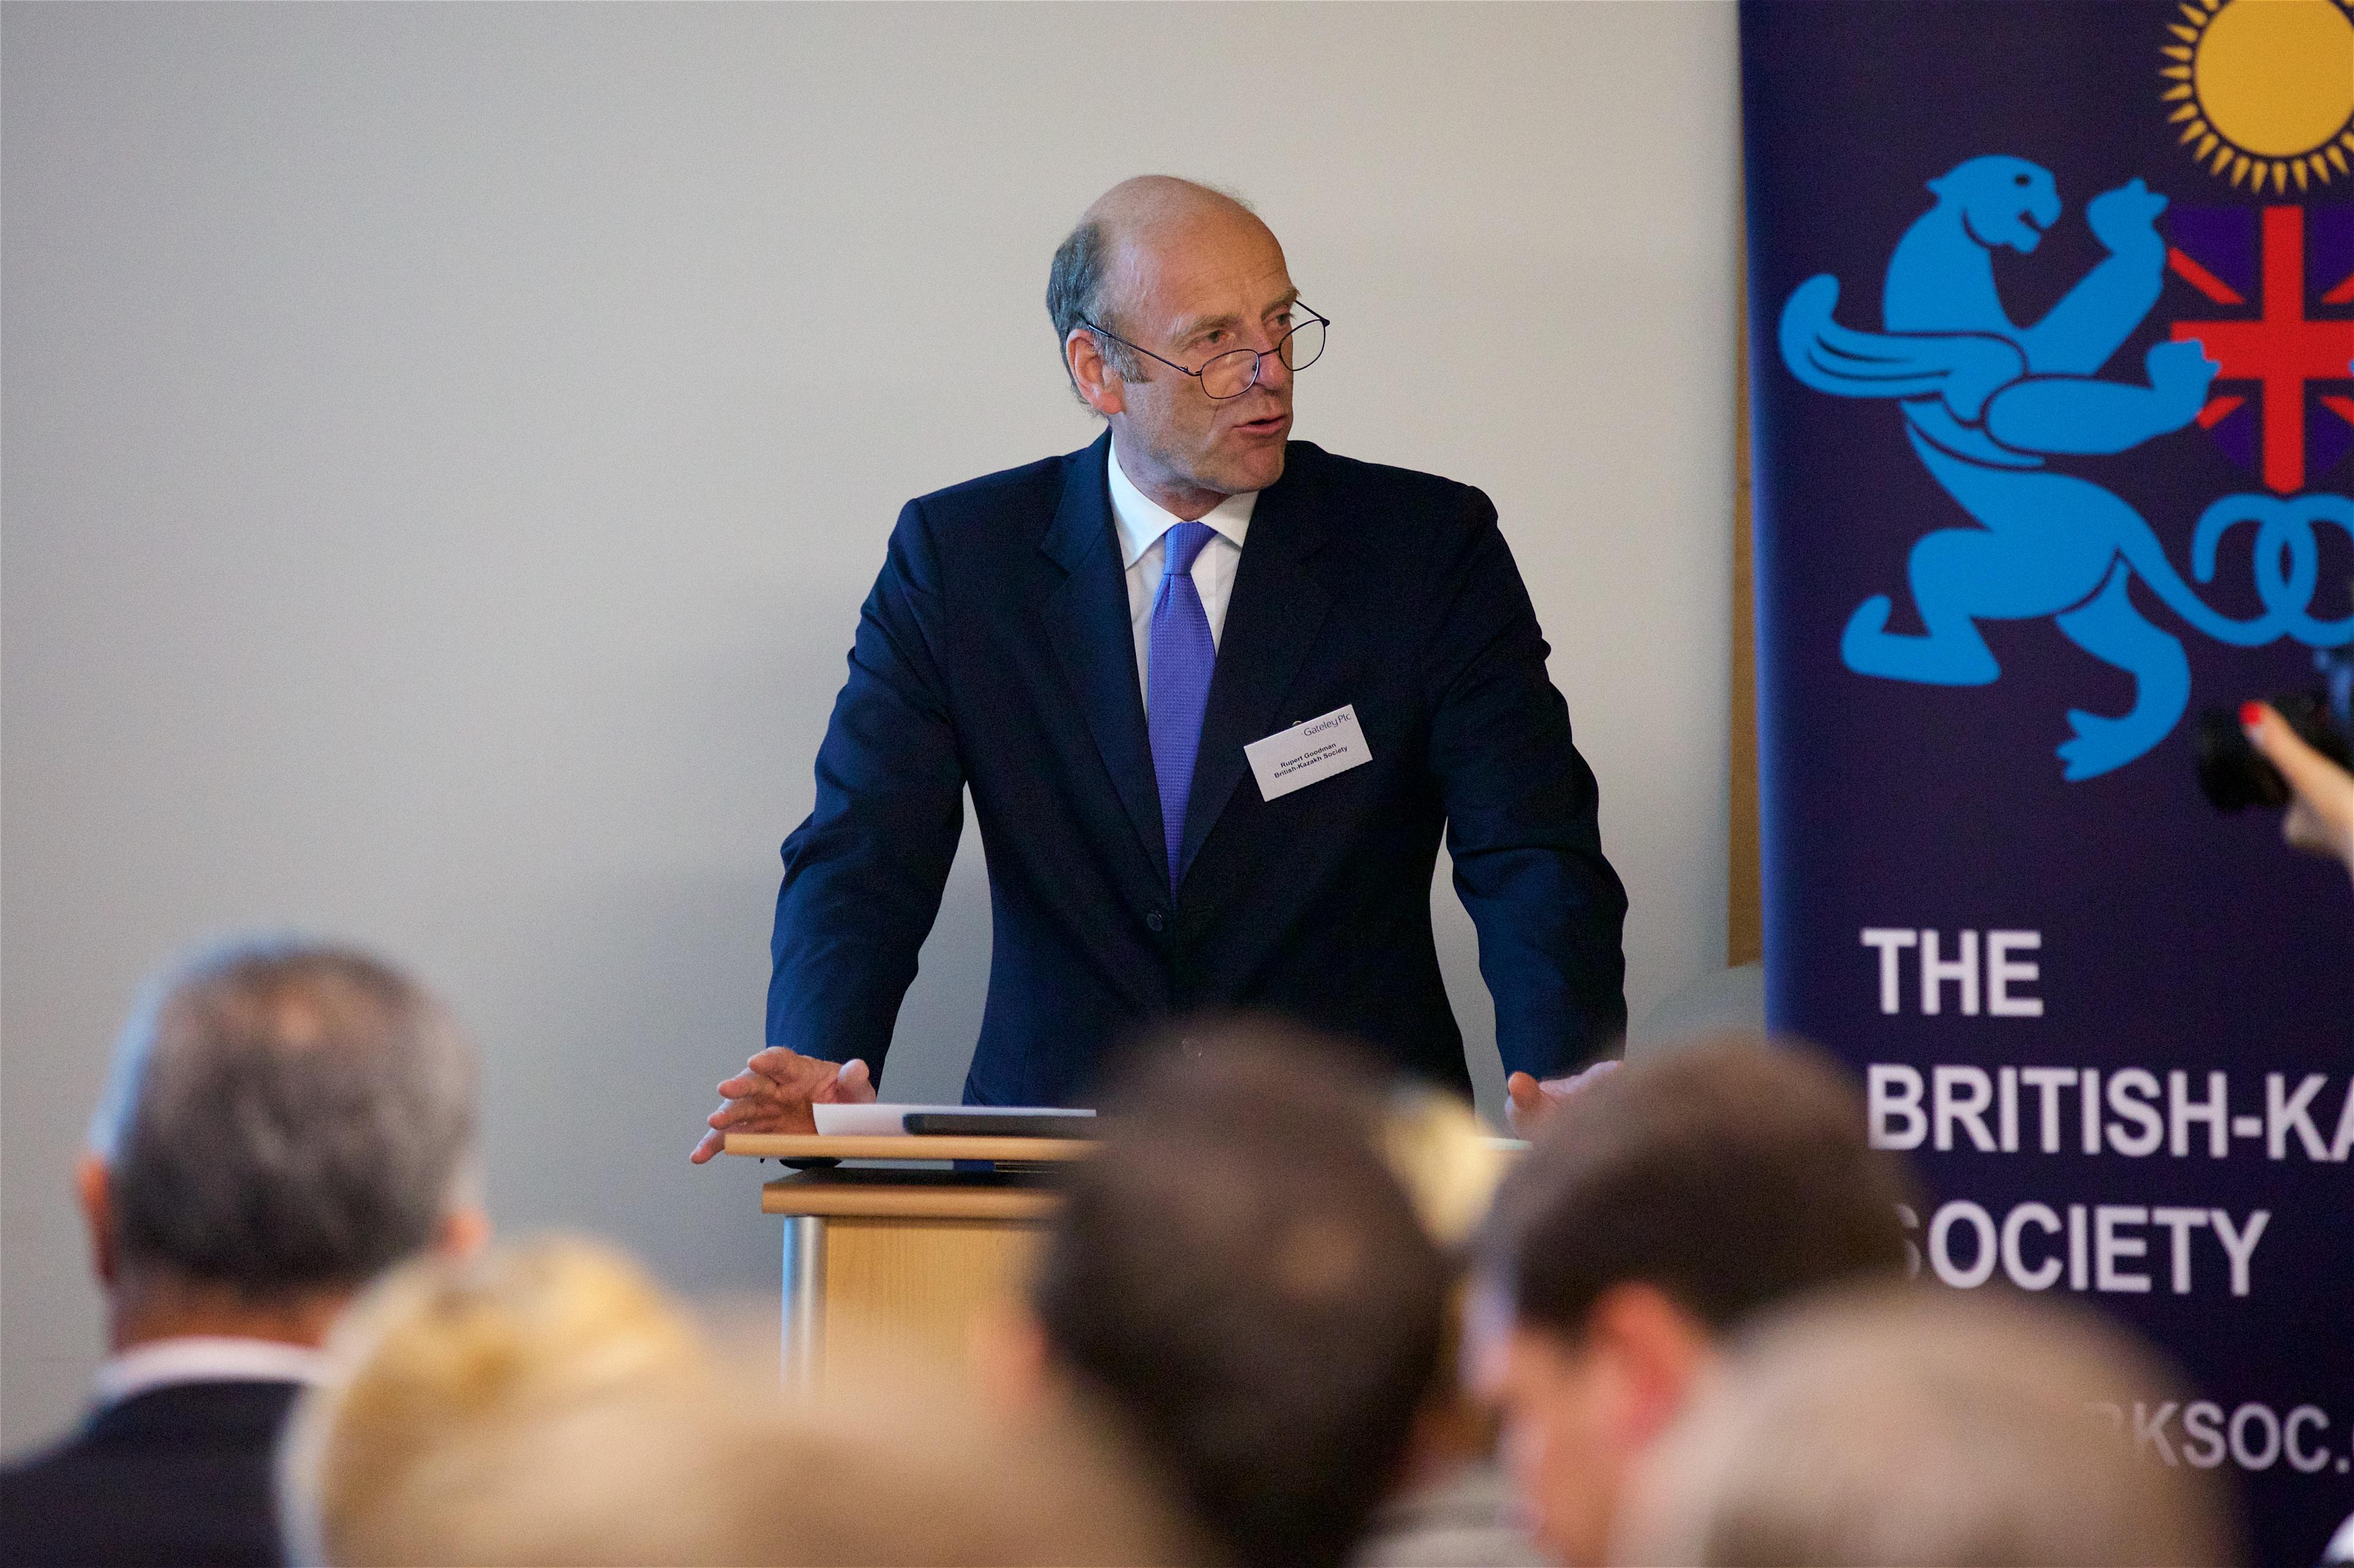 Rupert Goodman, Chairman